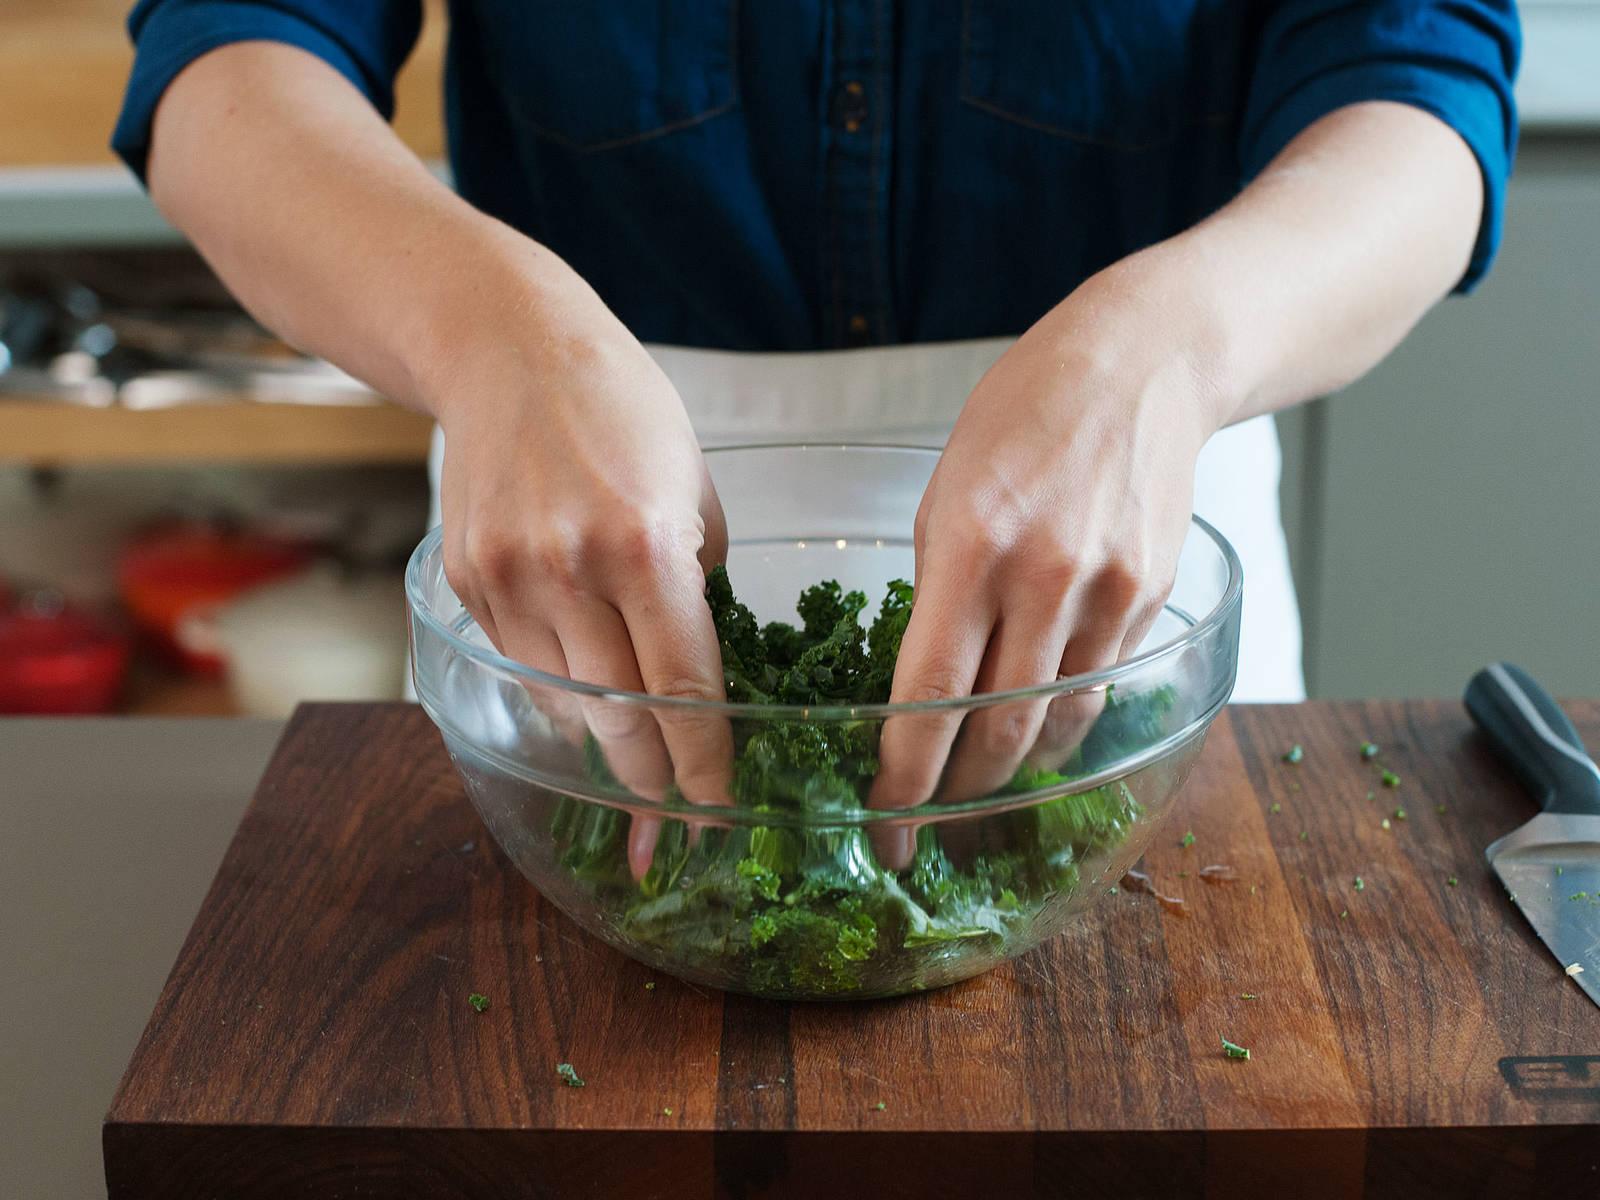 羽衣甘蓝去茎。粗略切碎,撕碎叶子。放入搅拌碗中,加入柠檬汁和橄榄油。搅拌均匀,稍稍揉捏,使其变软。放置一旁待用。